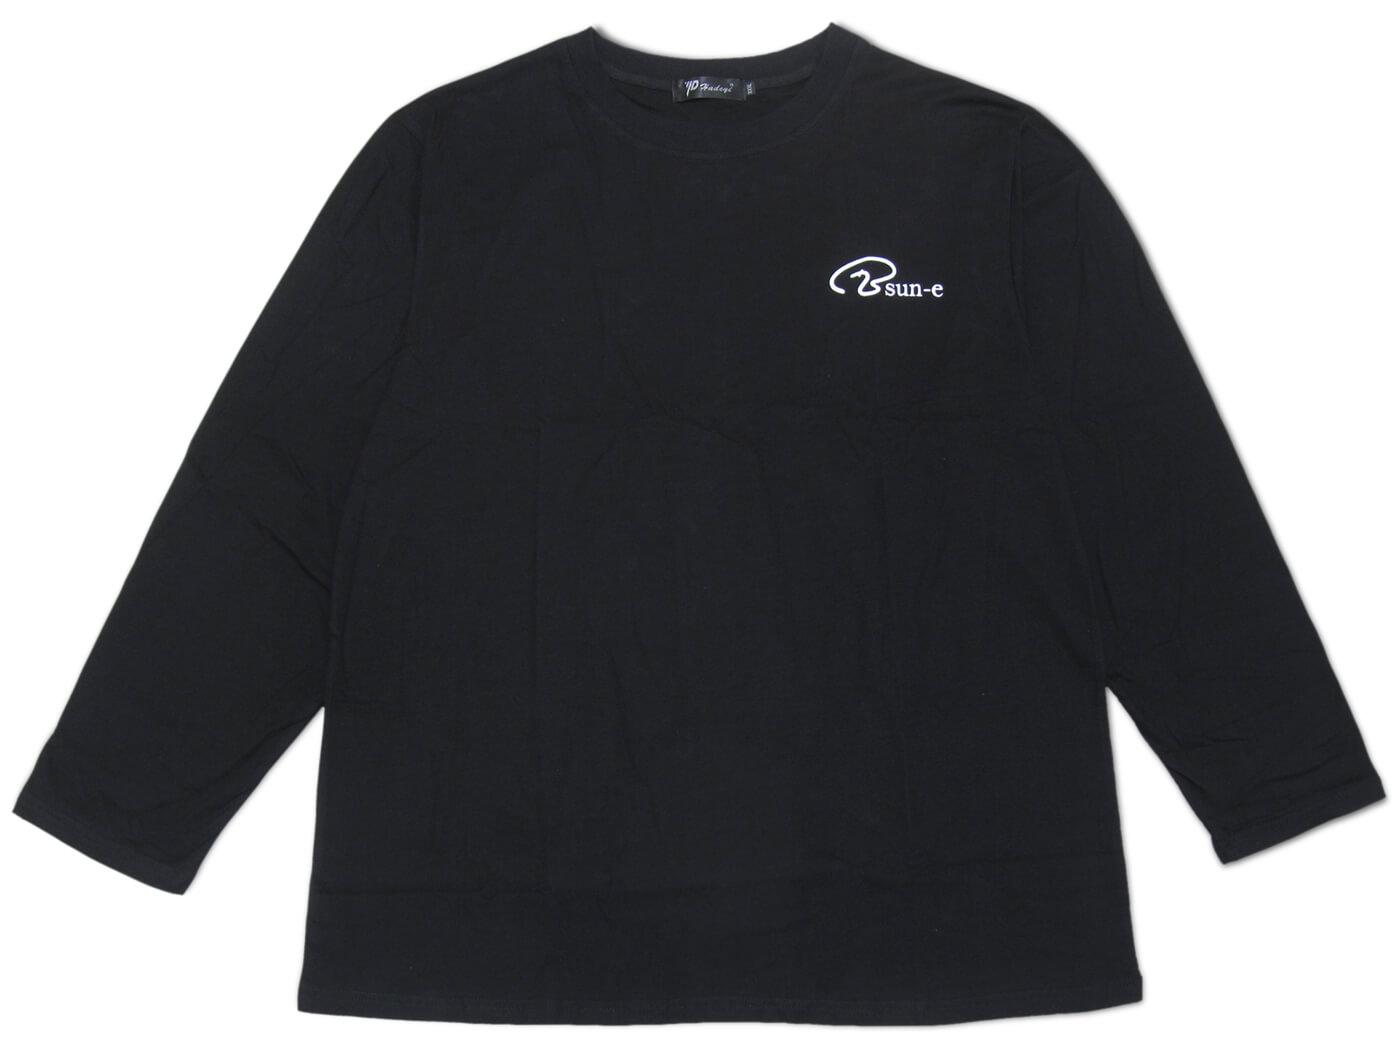 加大尺碼長袖素面圓領T恤 聚酯纖維100%長TEE 長袖T恤 休閒T恤 LOGO圖樣T恤 黑色T恤 灰色T恤 T-shirt 素面T(312-6005-21)黑色、(312-6005-28)深灰色 3